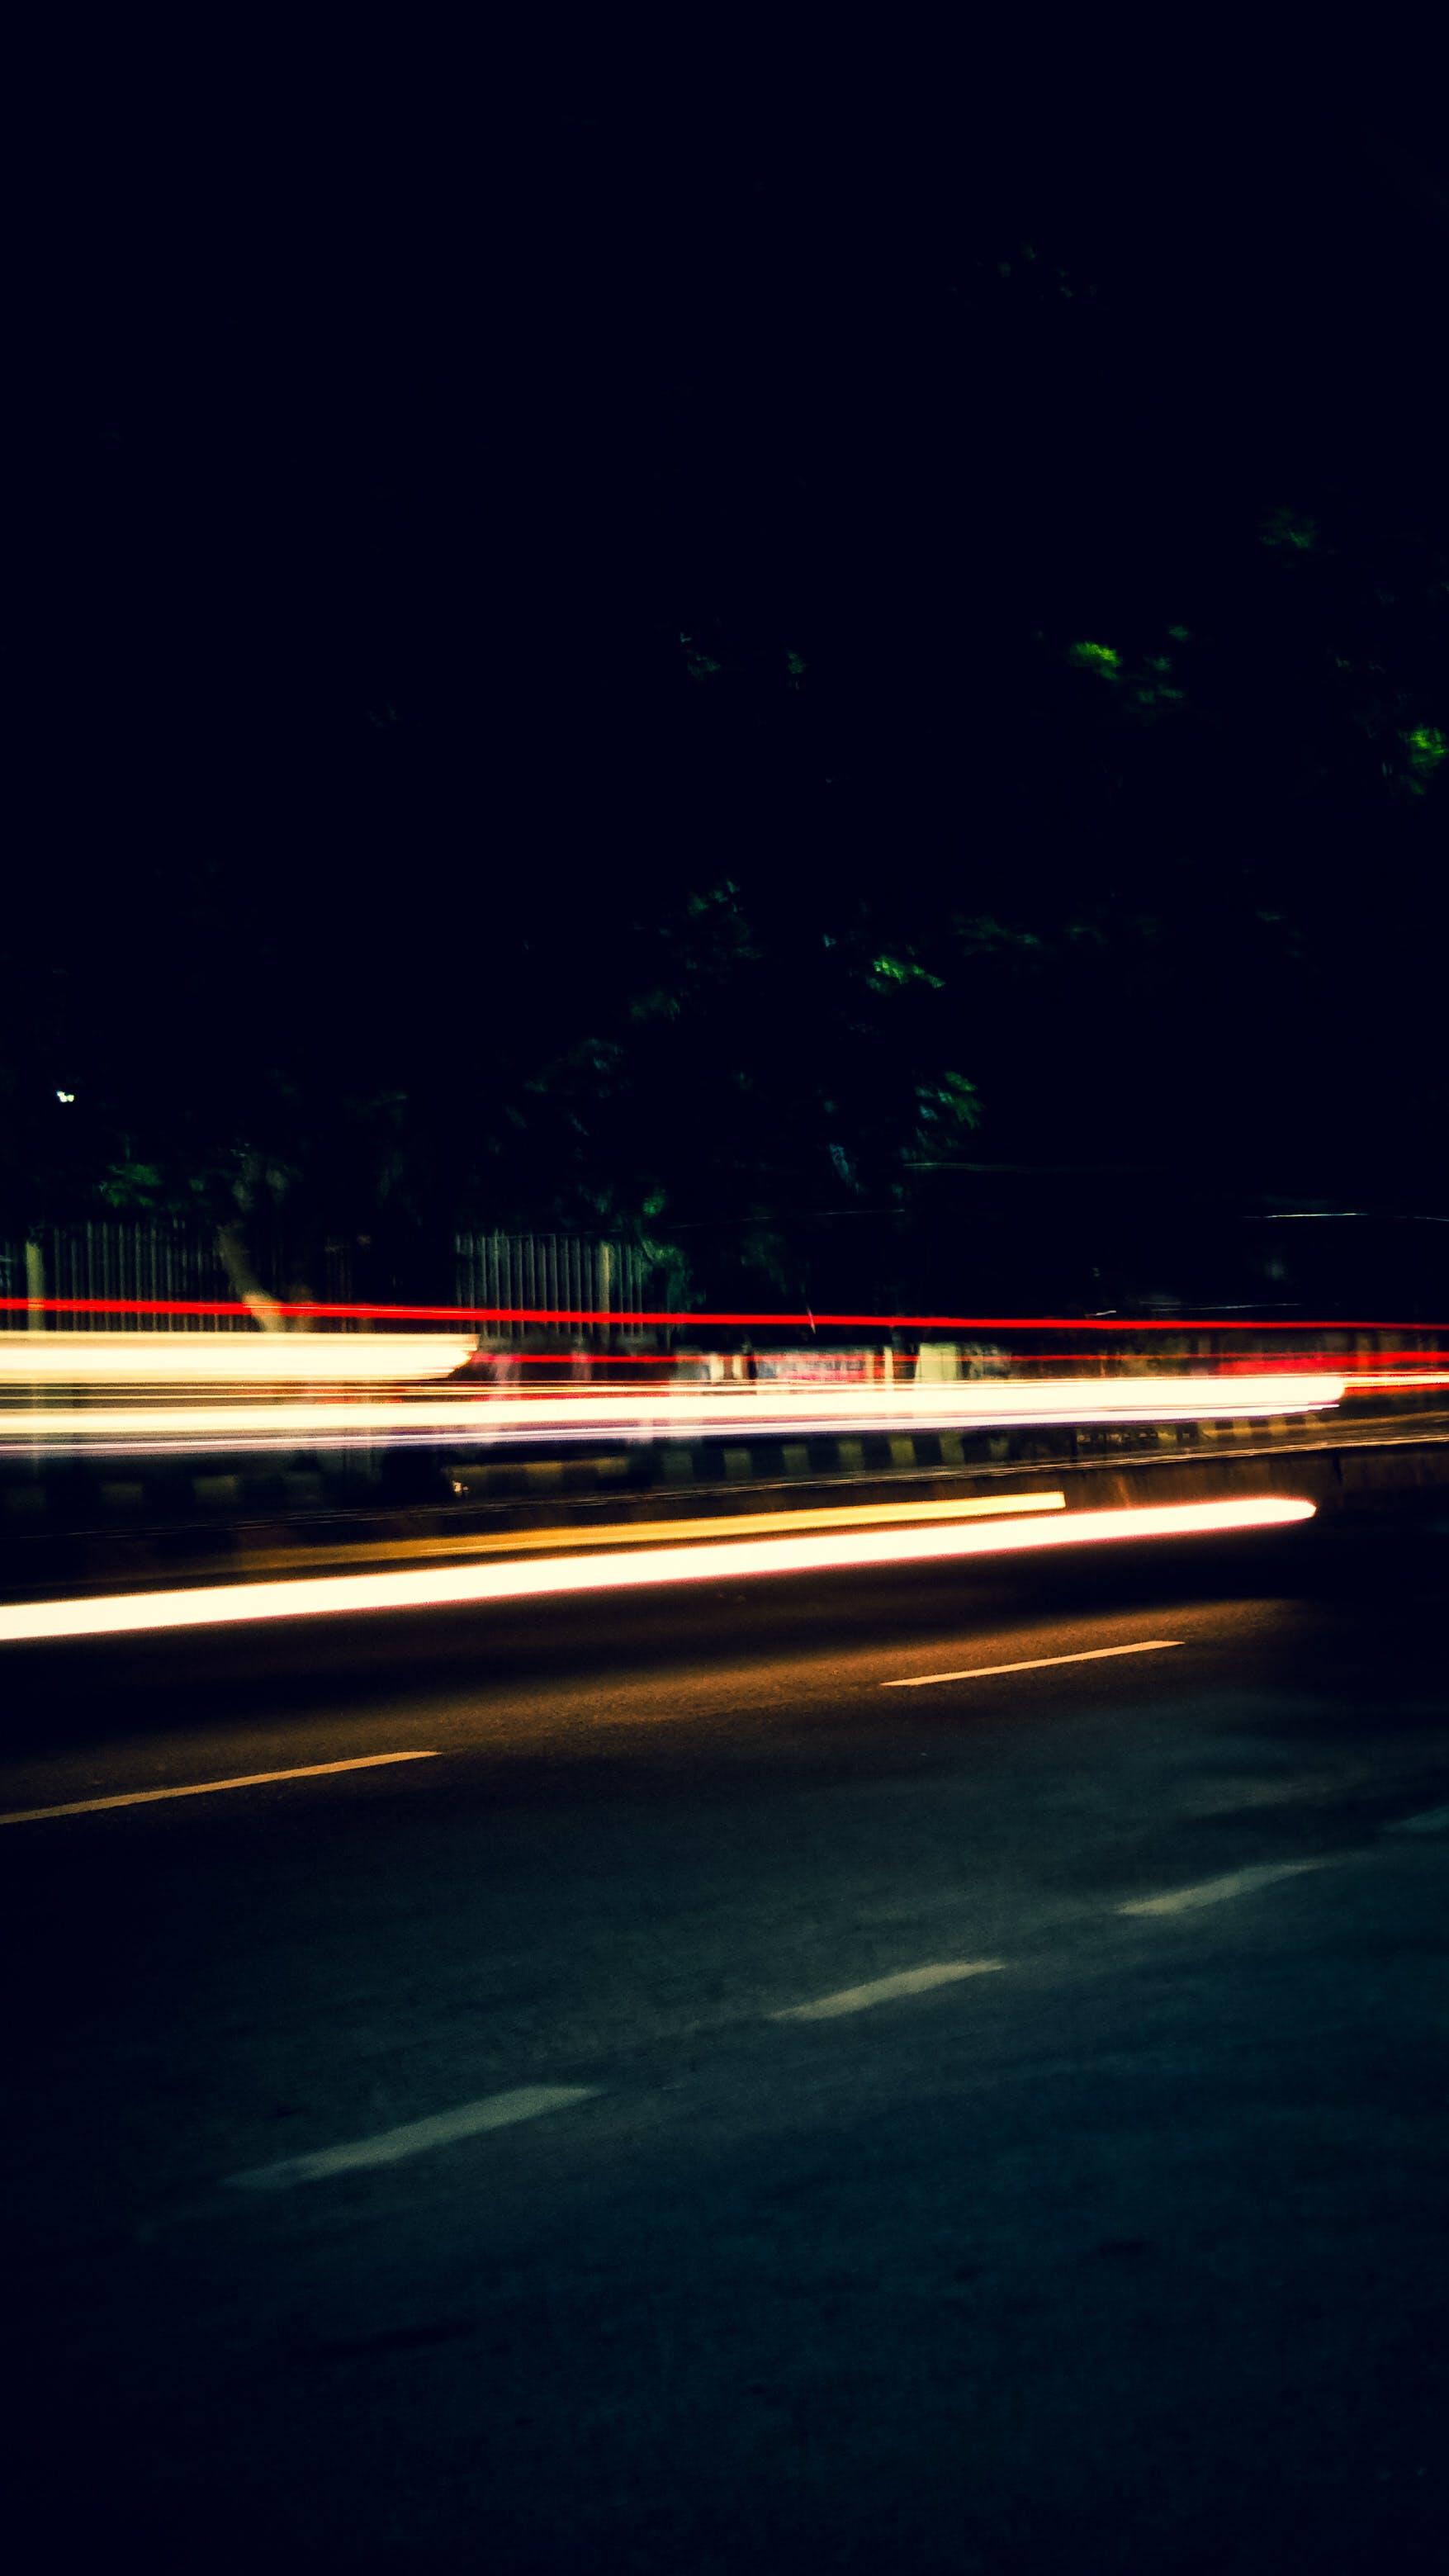 Δωρεάν στοκ φωτογραφιών με #cityvibes, #cityvibesphotochallenge, #mobilechallenge, #mobilephotography